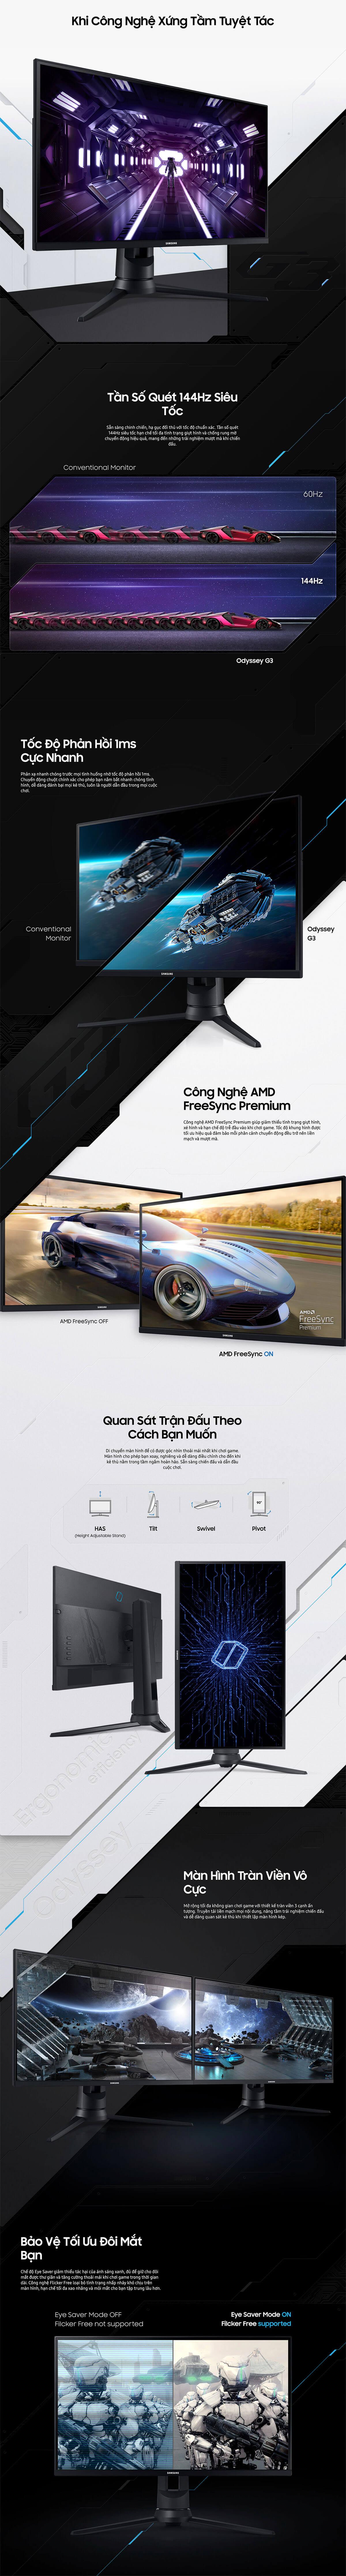 Samsung 24 inch LF24G35TFWEXXV (FHD, 144Hz, VA, 1ms)